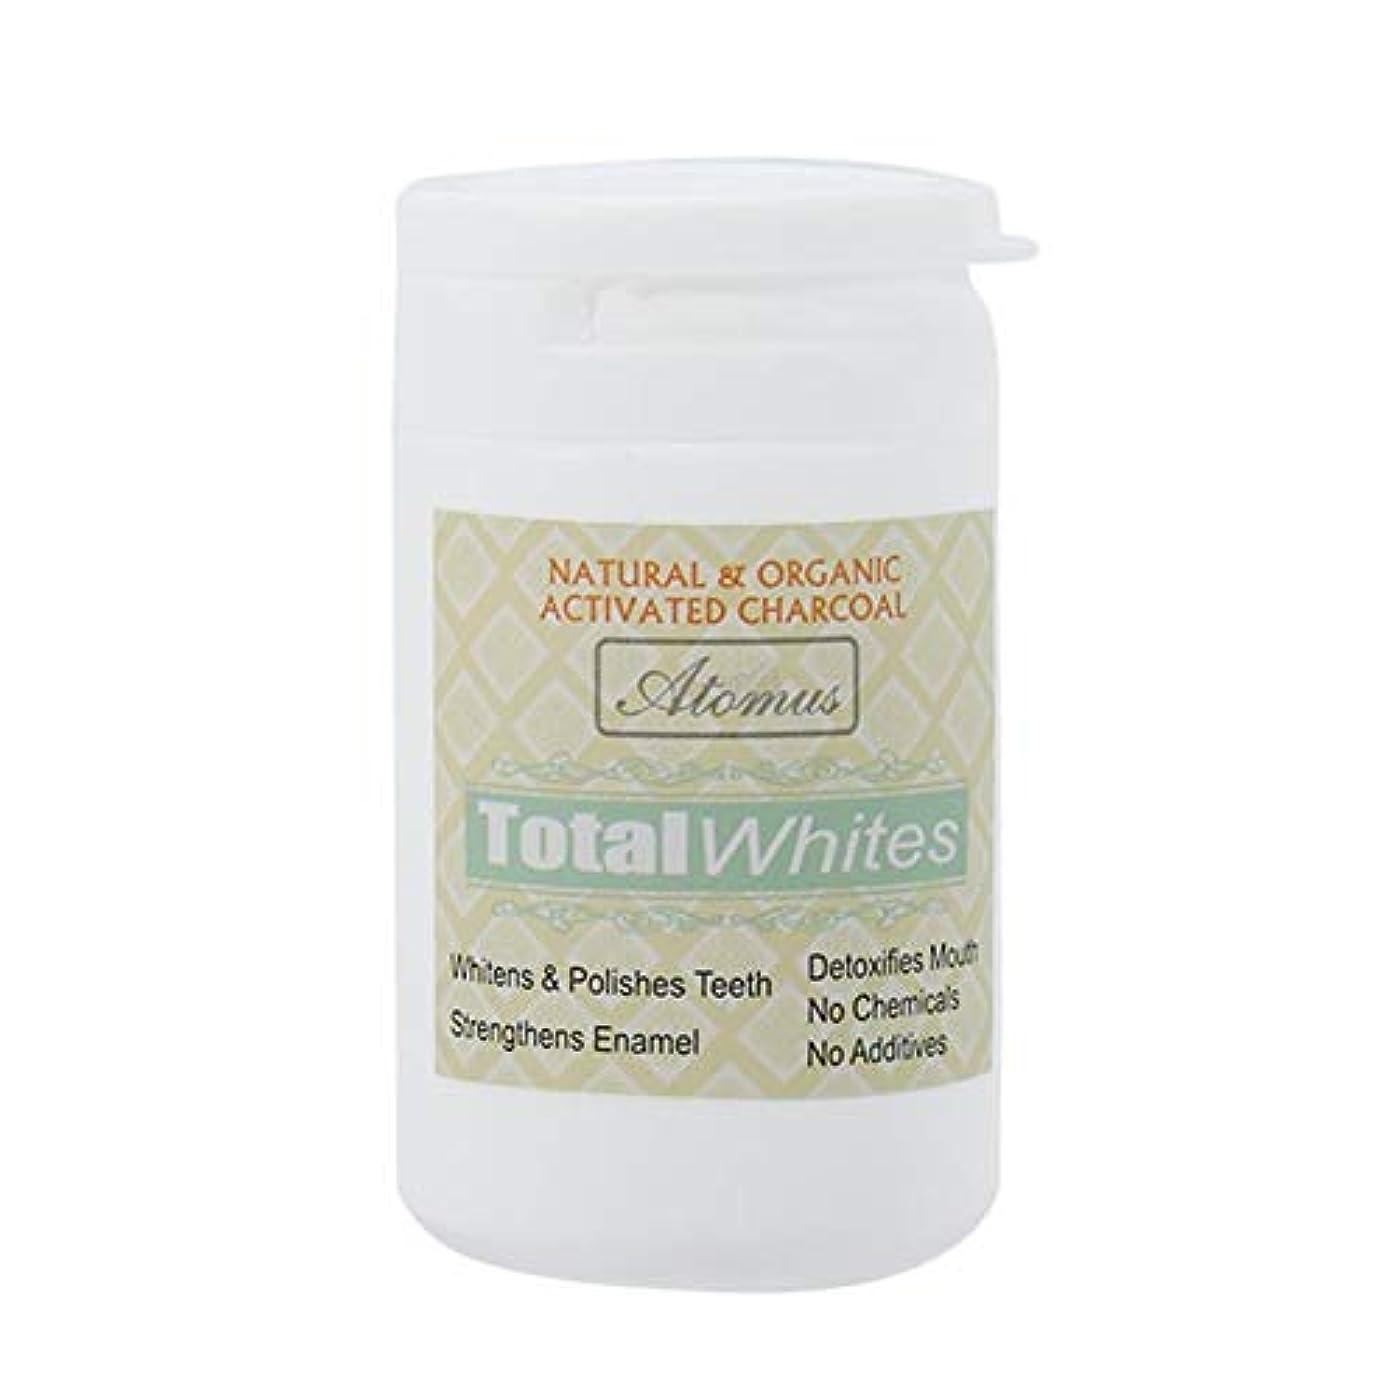 ホース冷蔵庫集計歯のホワイトニングパウダー、活性炭の歯のホワイトナーパウダー - 有機安全で効果的なホワイトナーの解決策 - ホワイトニングの歯とフレッシュな息